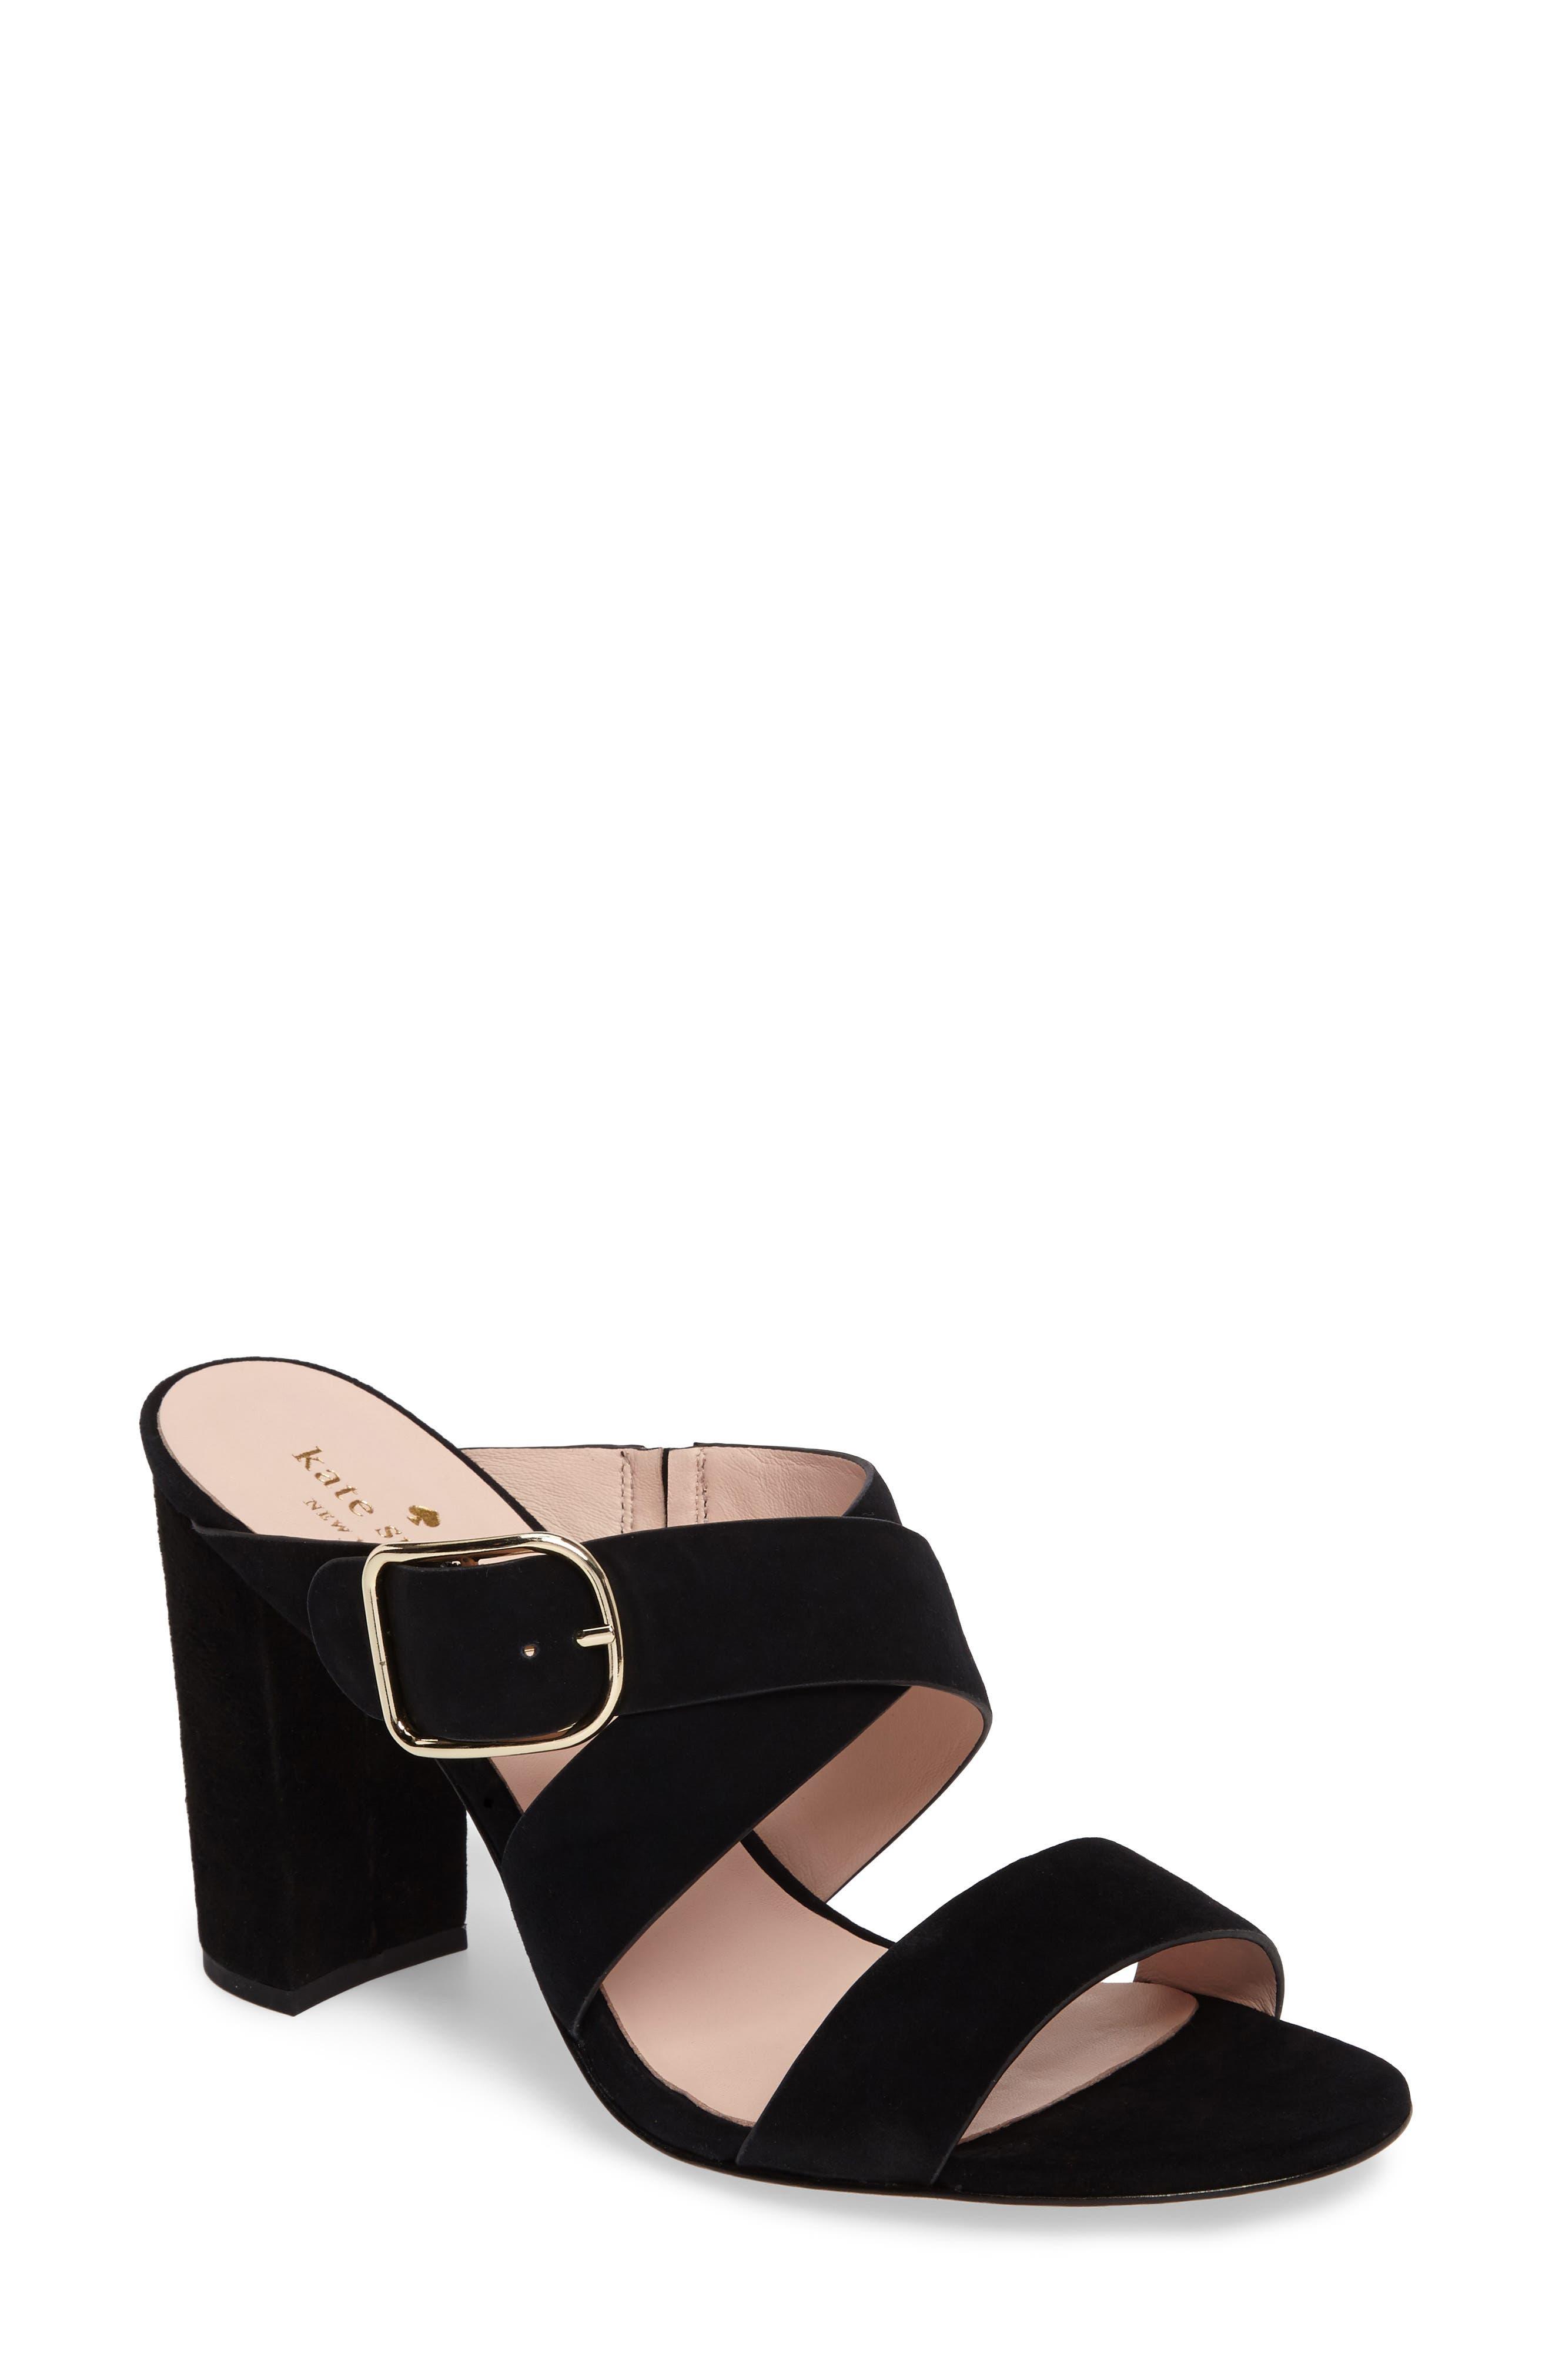 kate spade new york orchid slide sandal (Women)